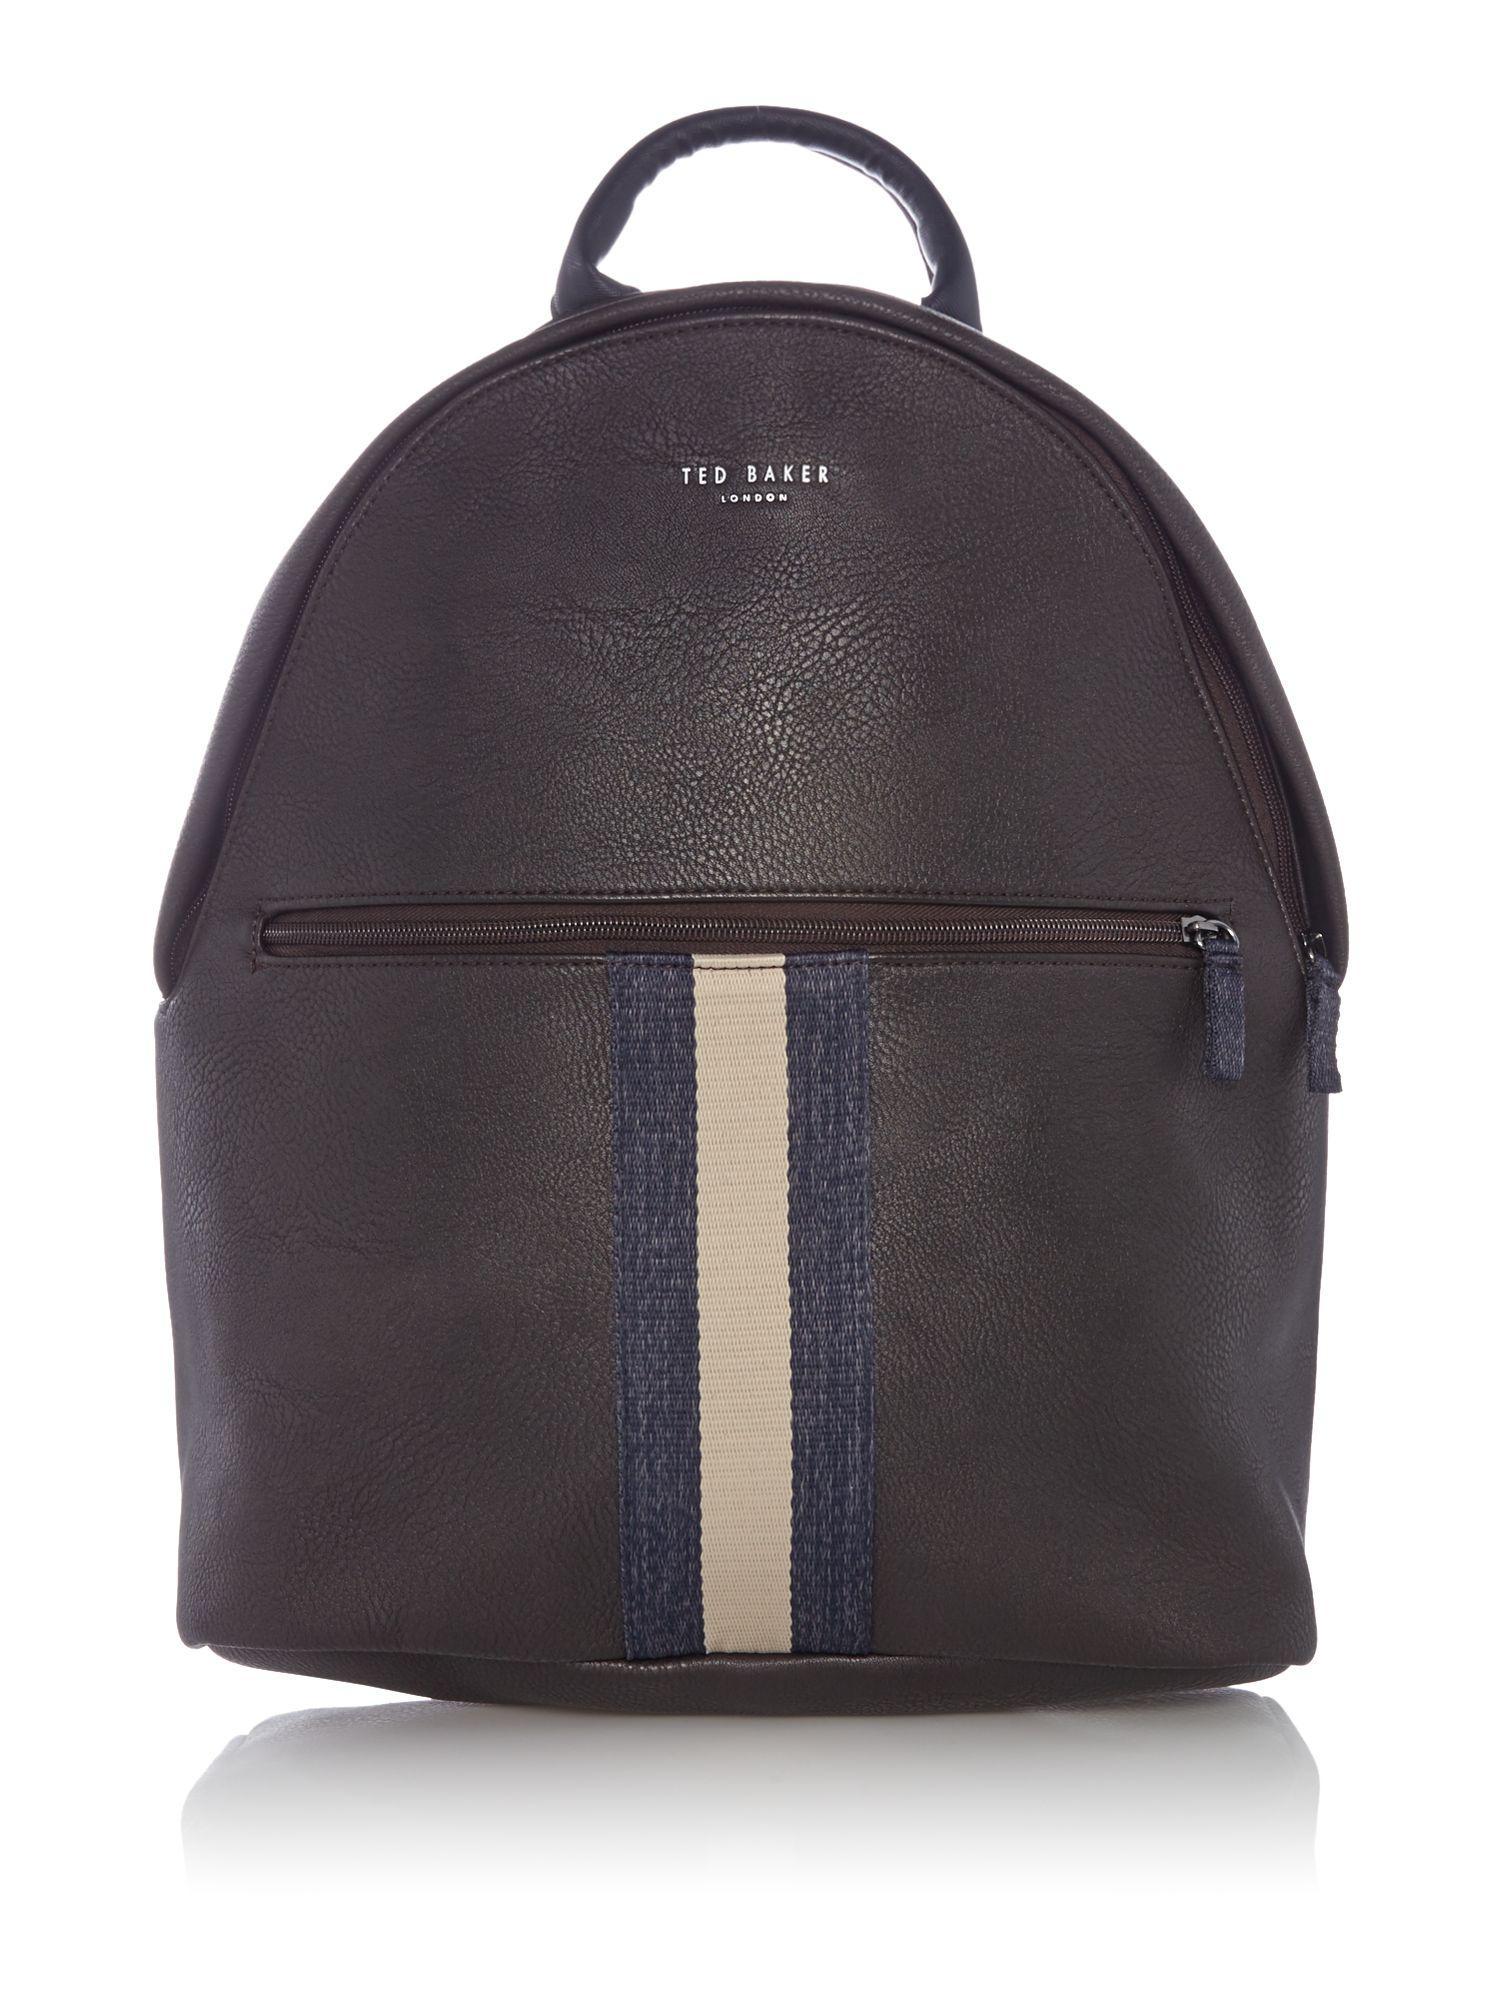 ted baker hawkz core webbing backpack in brown for men lyst. Black Bedroom Furniture Sets. Home Design Ideas